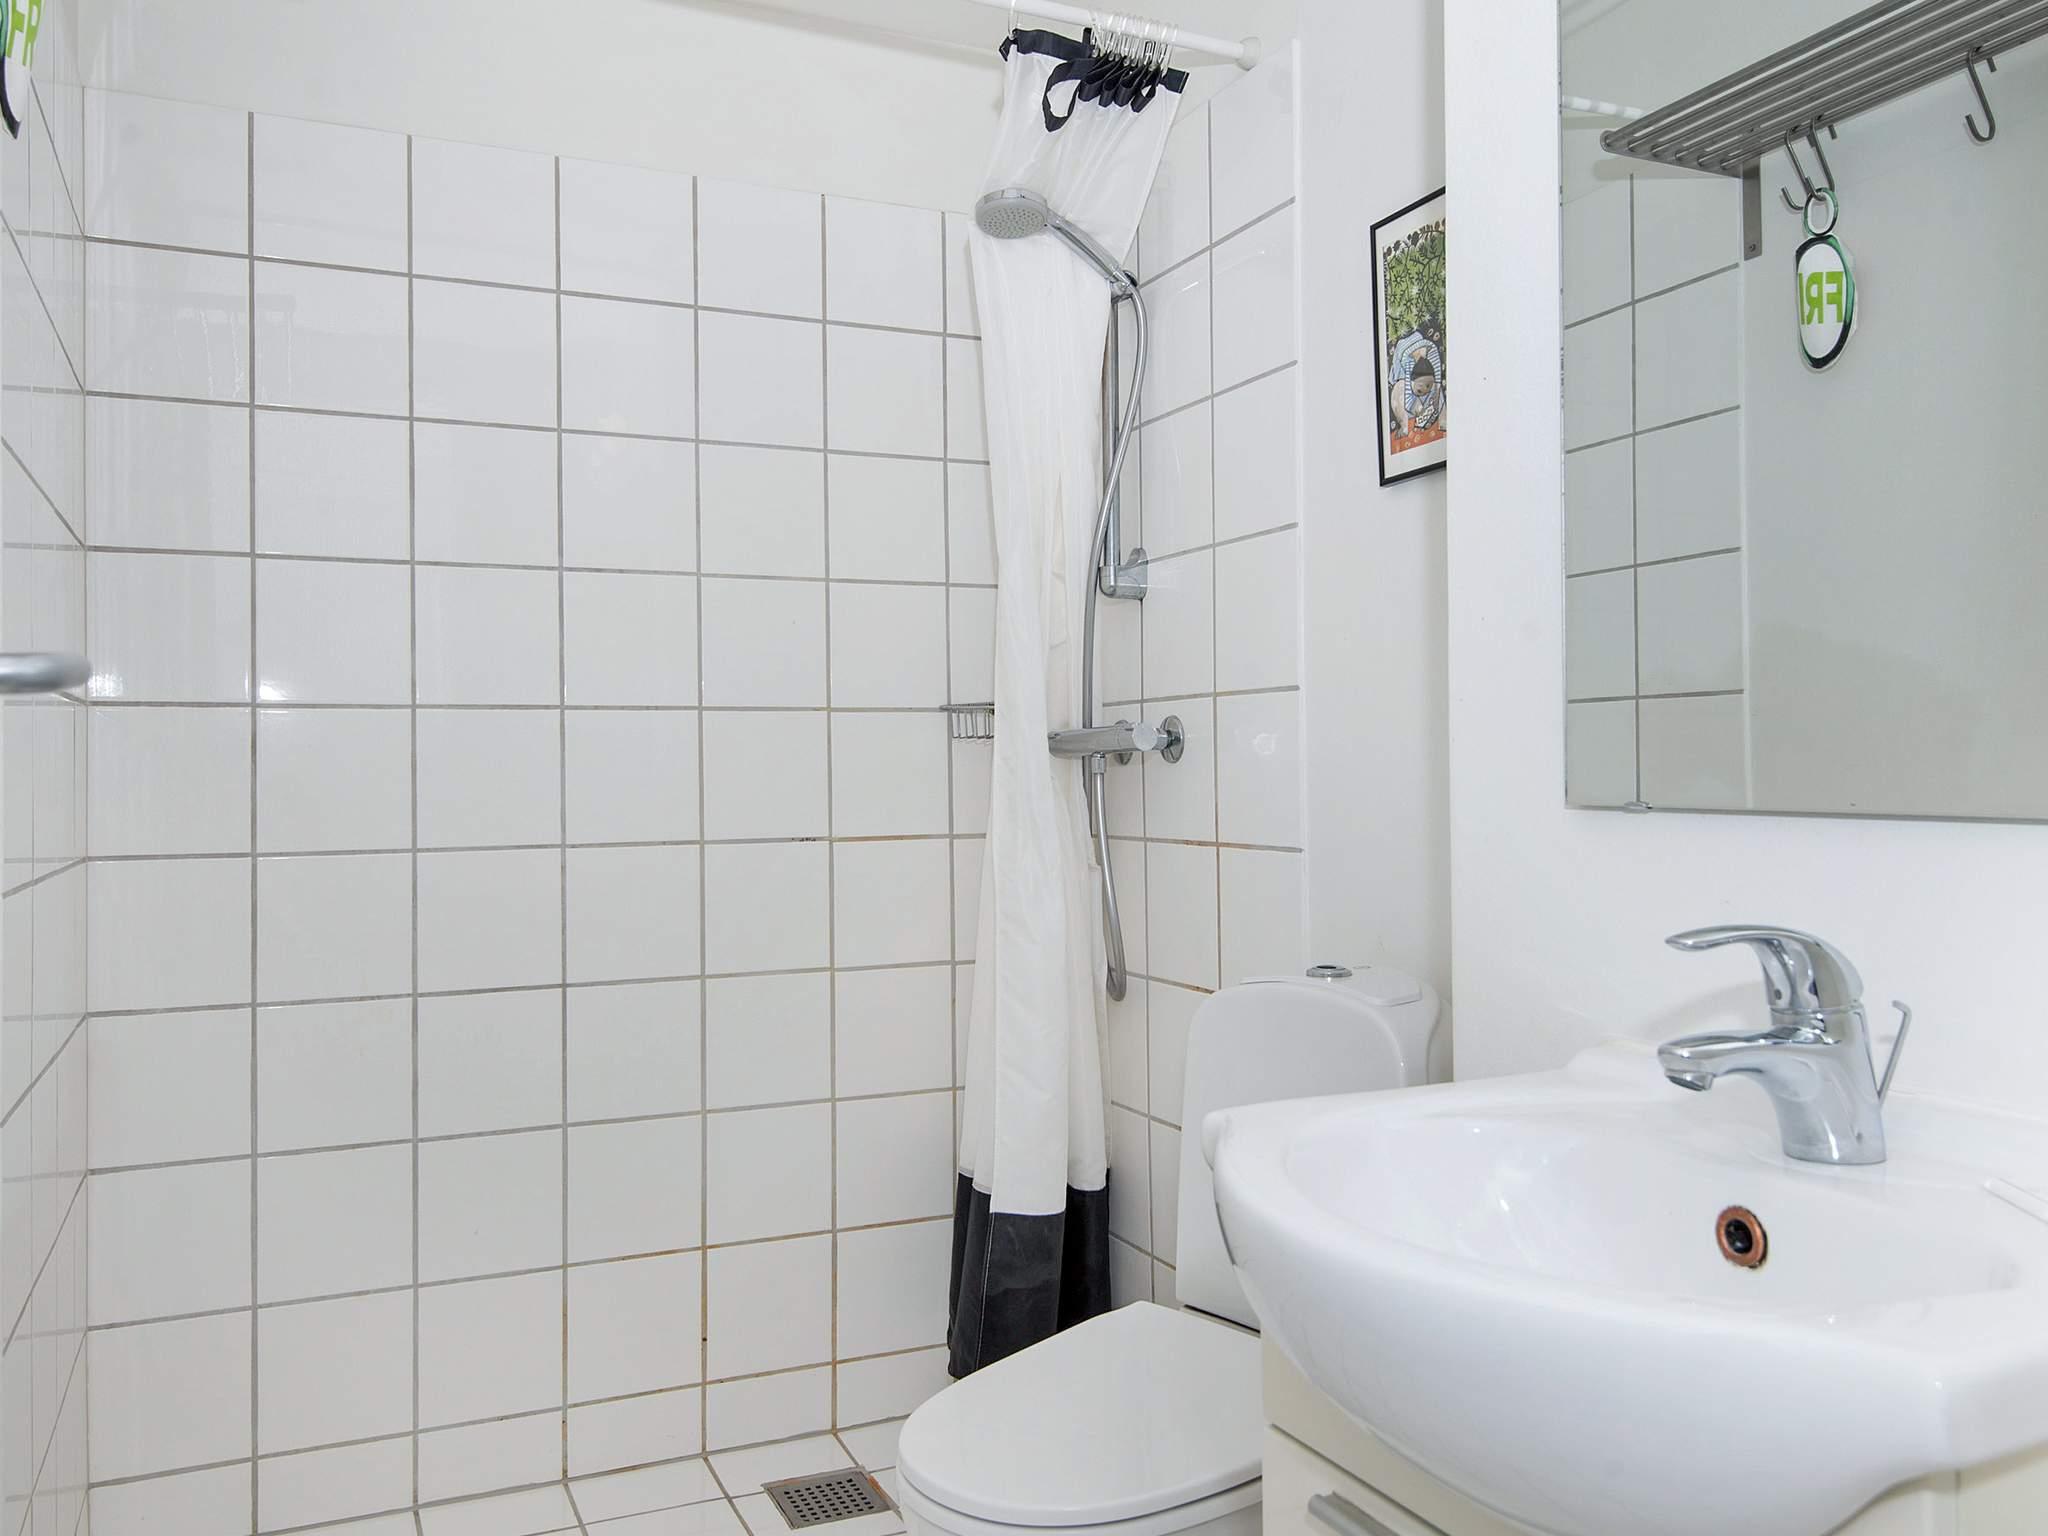 Ferienwohnung Bønnerup Strand - Typ 5 - 3 Zimmer,1.stock,Penthouse (1719346), Bønnerup, , Ostjütland, Dänemark, Bild 10